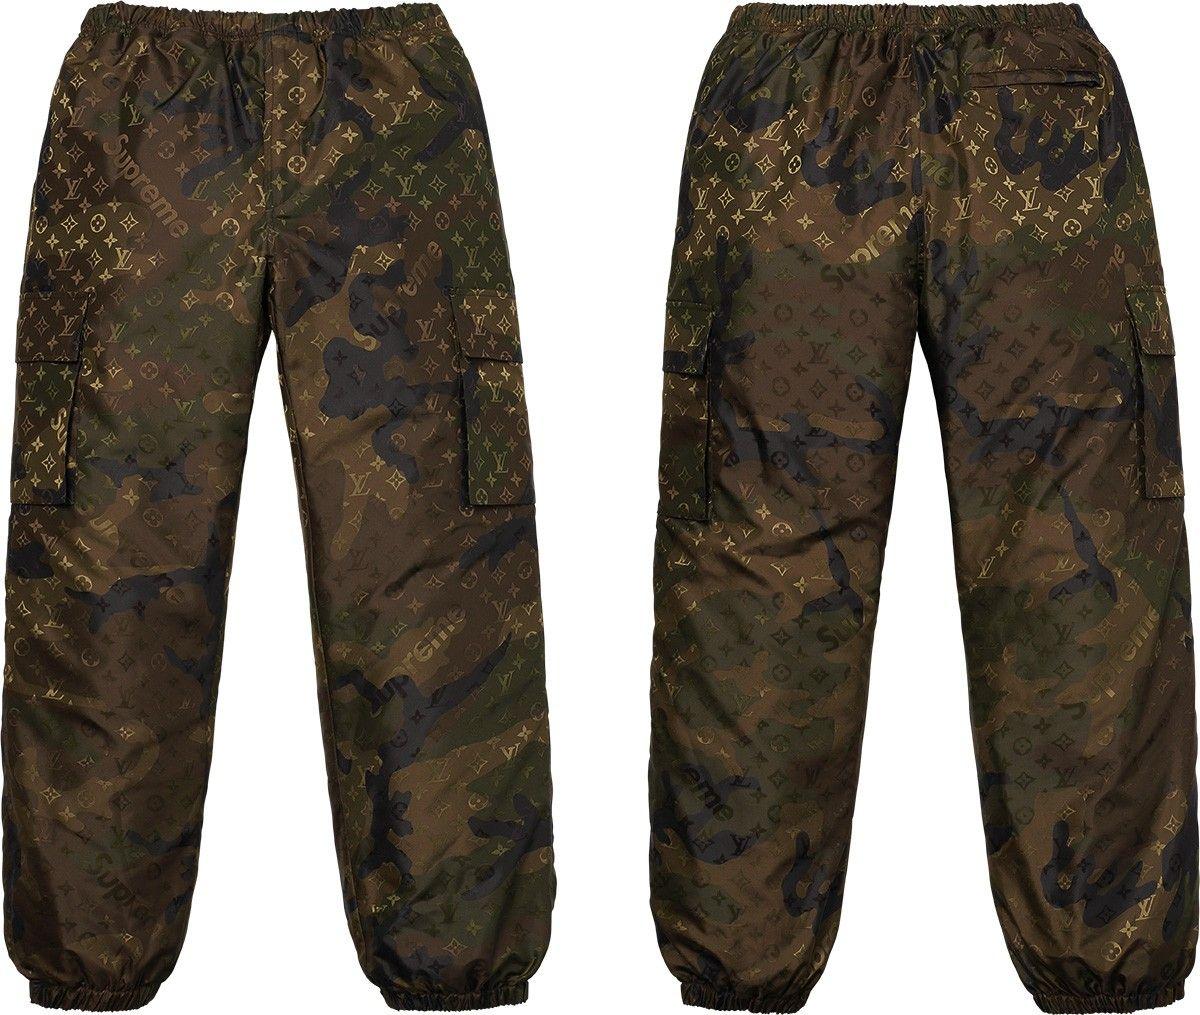 Lv X Supreme Track Pants Look In Loop Pinterest Louis Vuitton